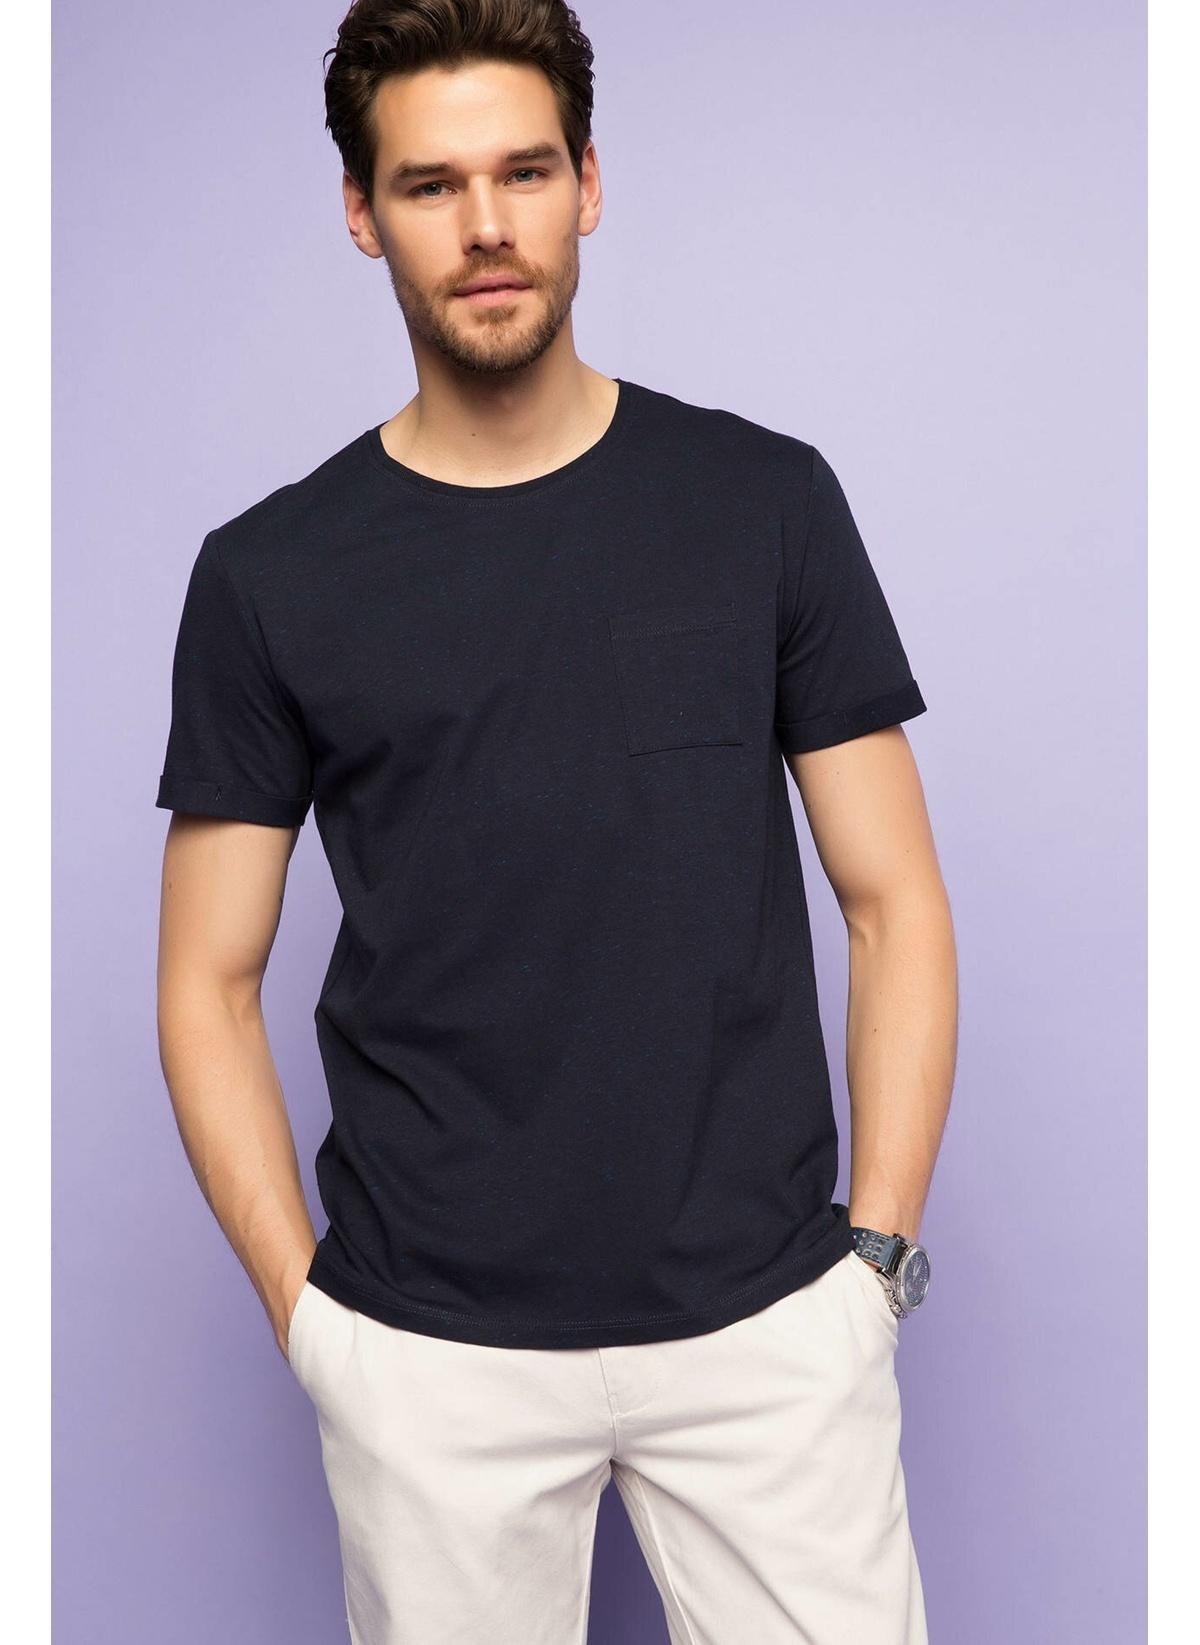 Defacto Nopeli T-shirt G5843az17smnv64t-shirt – 19.99 TL